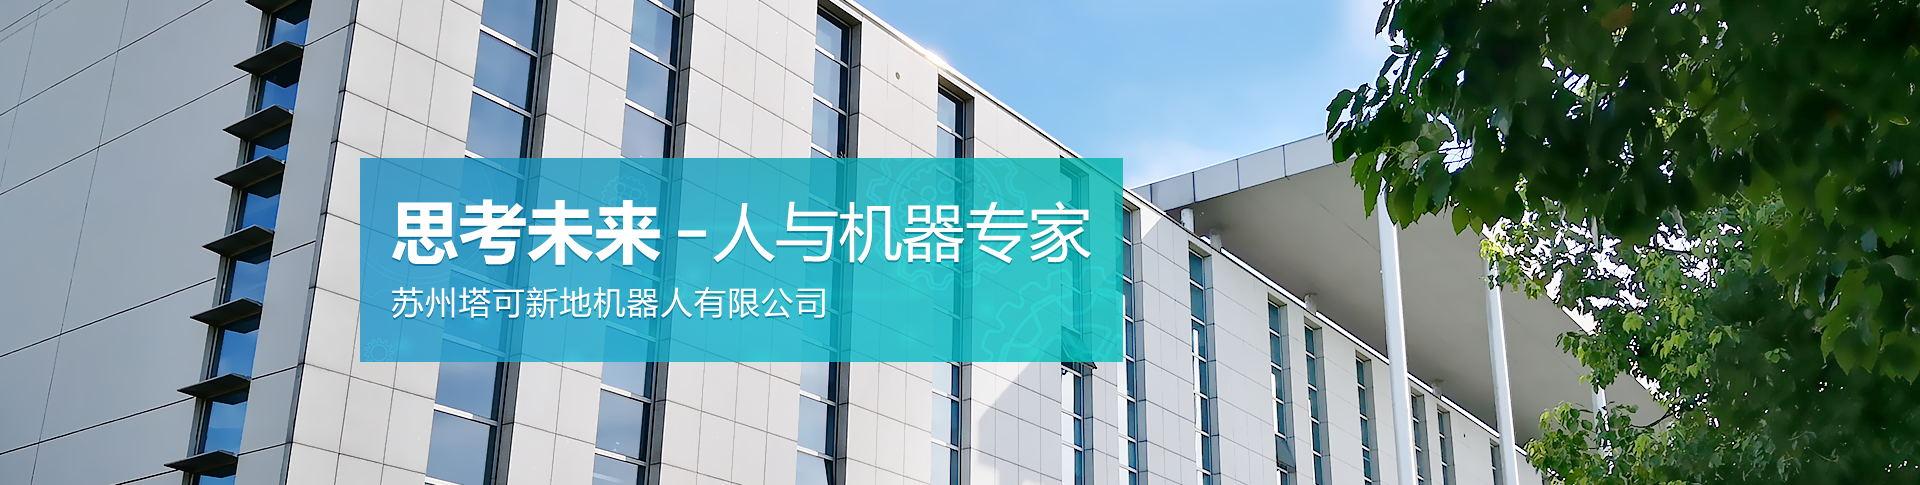 塔可banner_看圖王.jpg